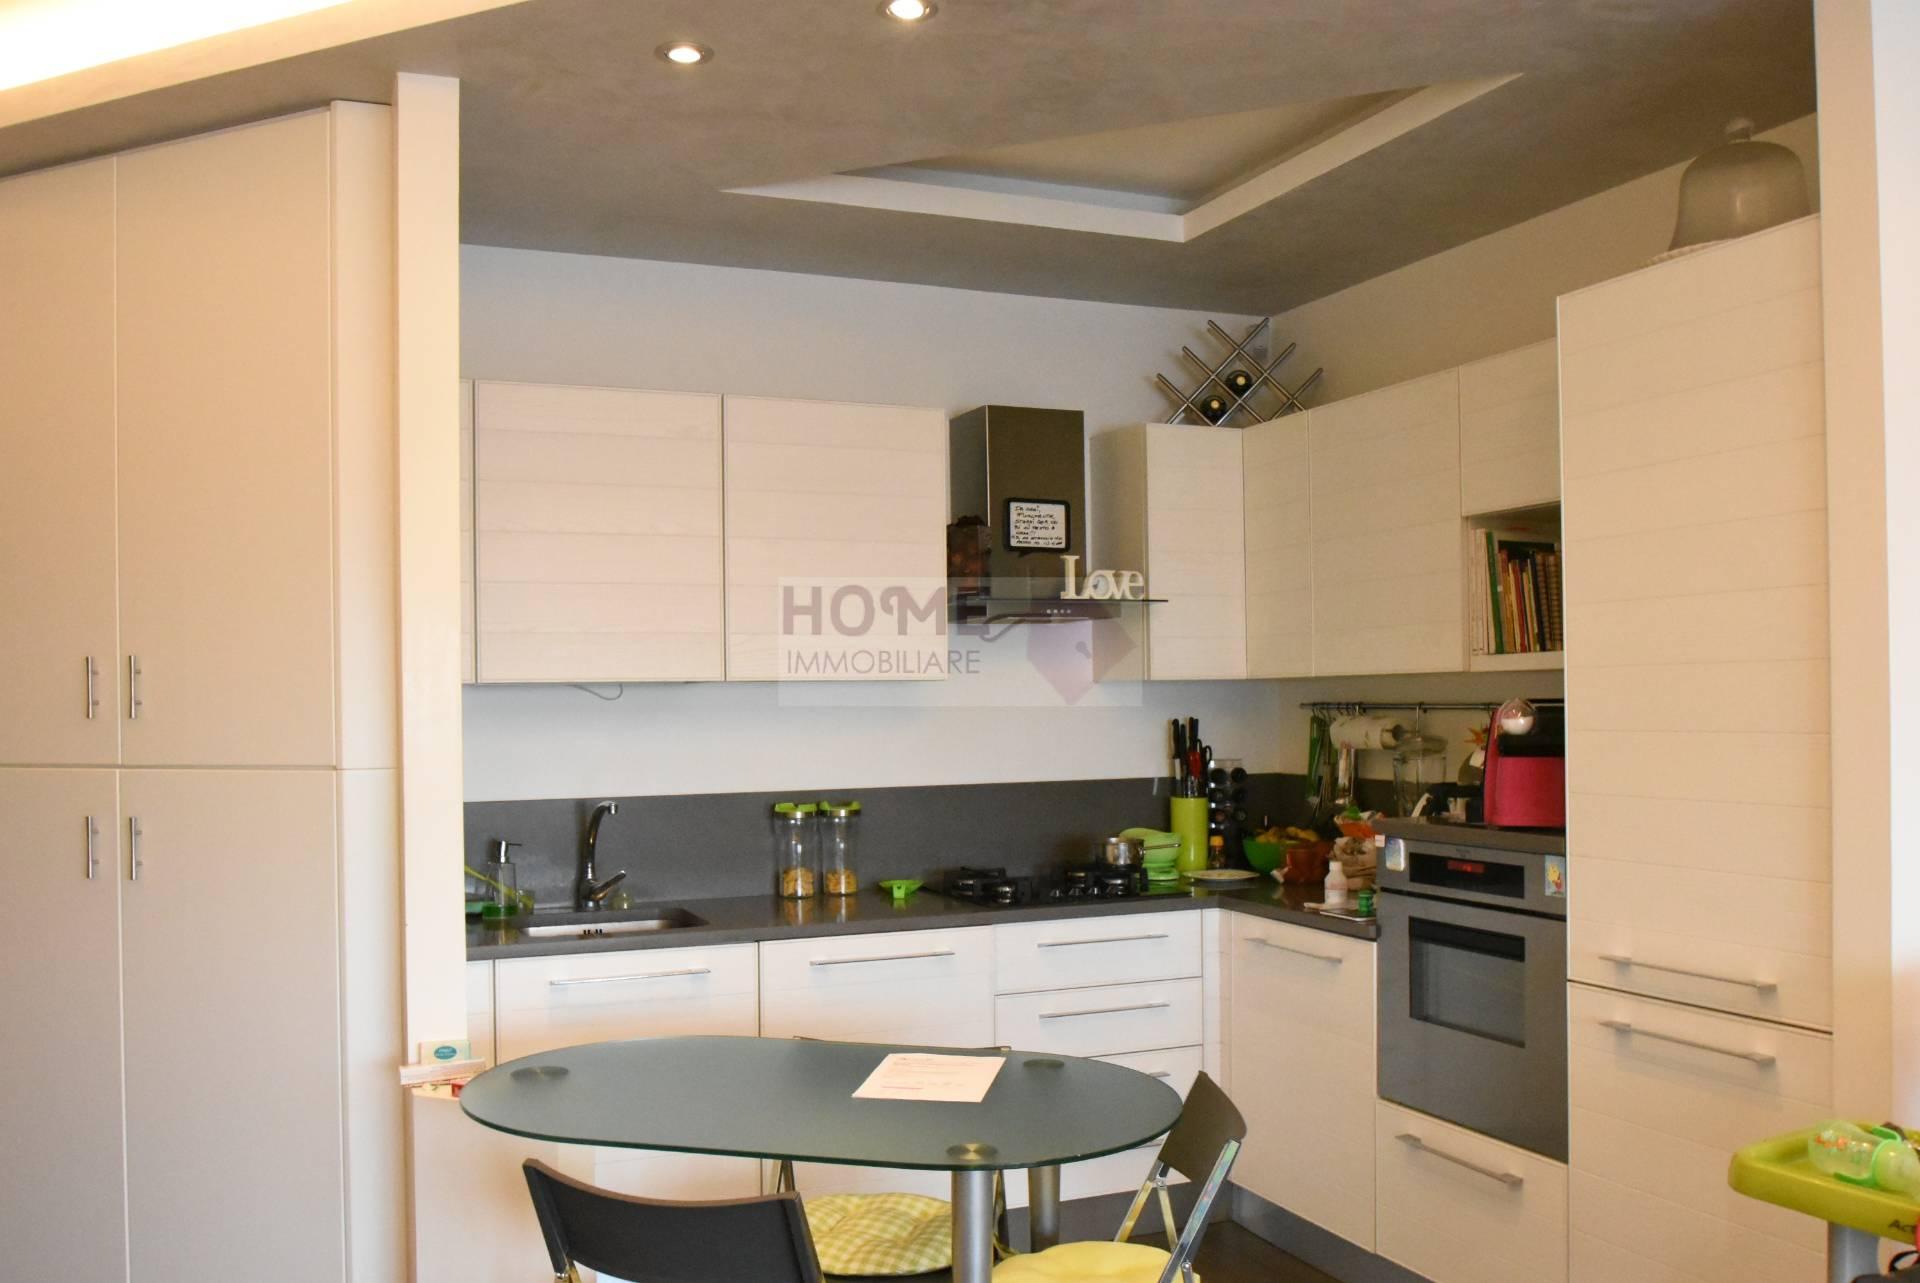 Appartamento in vendita a Macerata, 4 locali, zona Località: zonaColleverde, prezzo € 145.000 | Cambio Casa.it